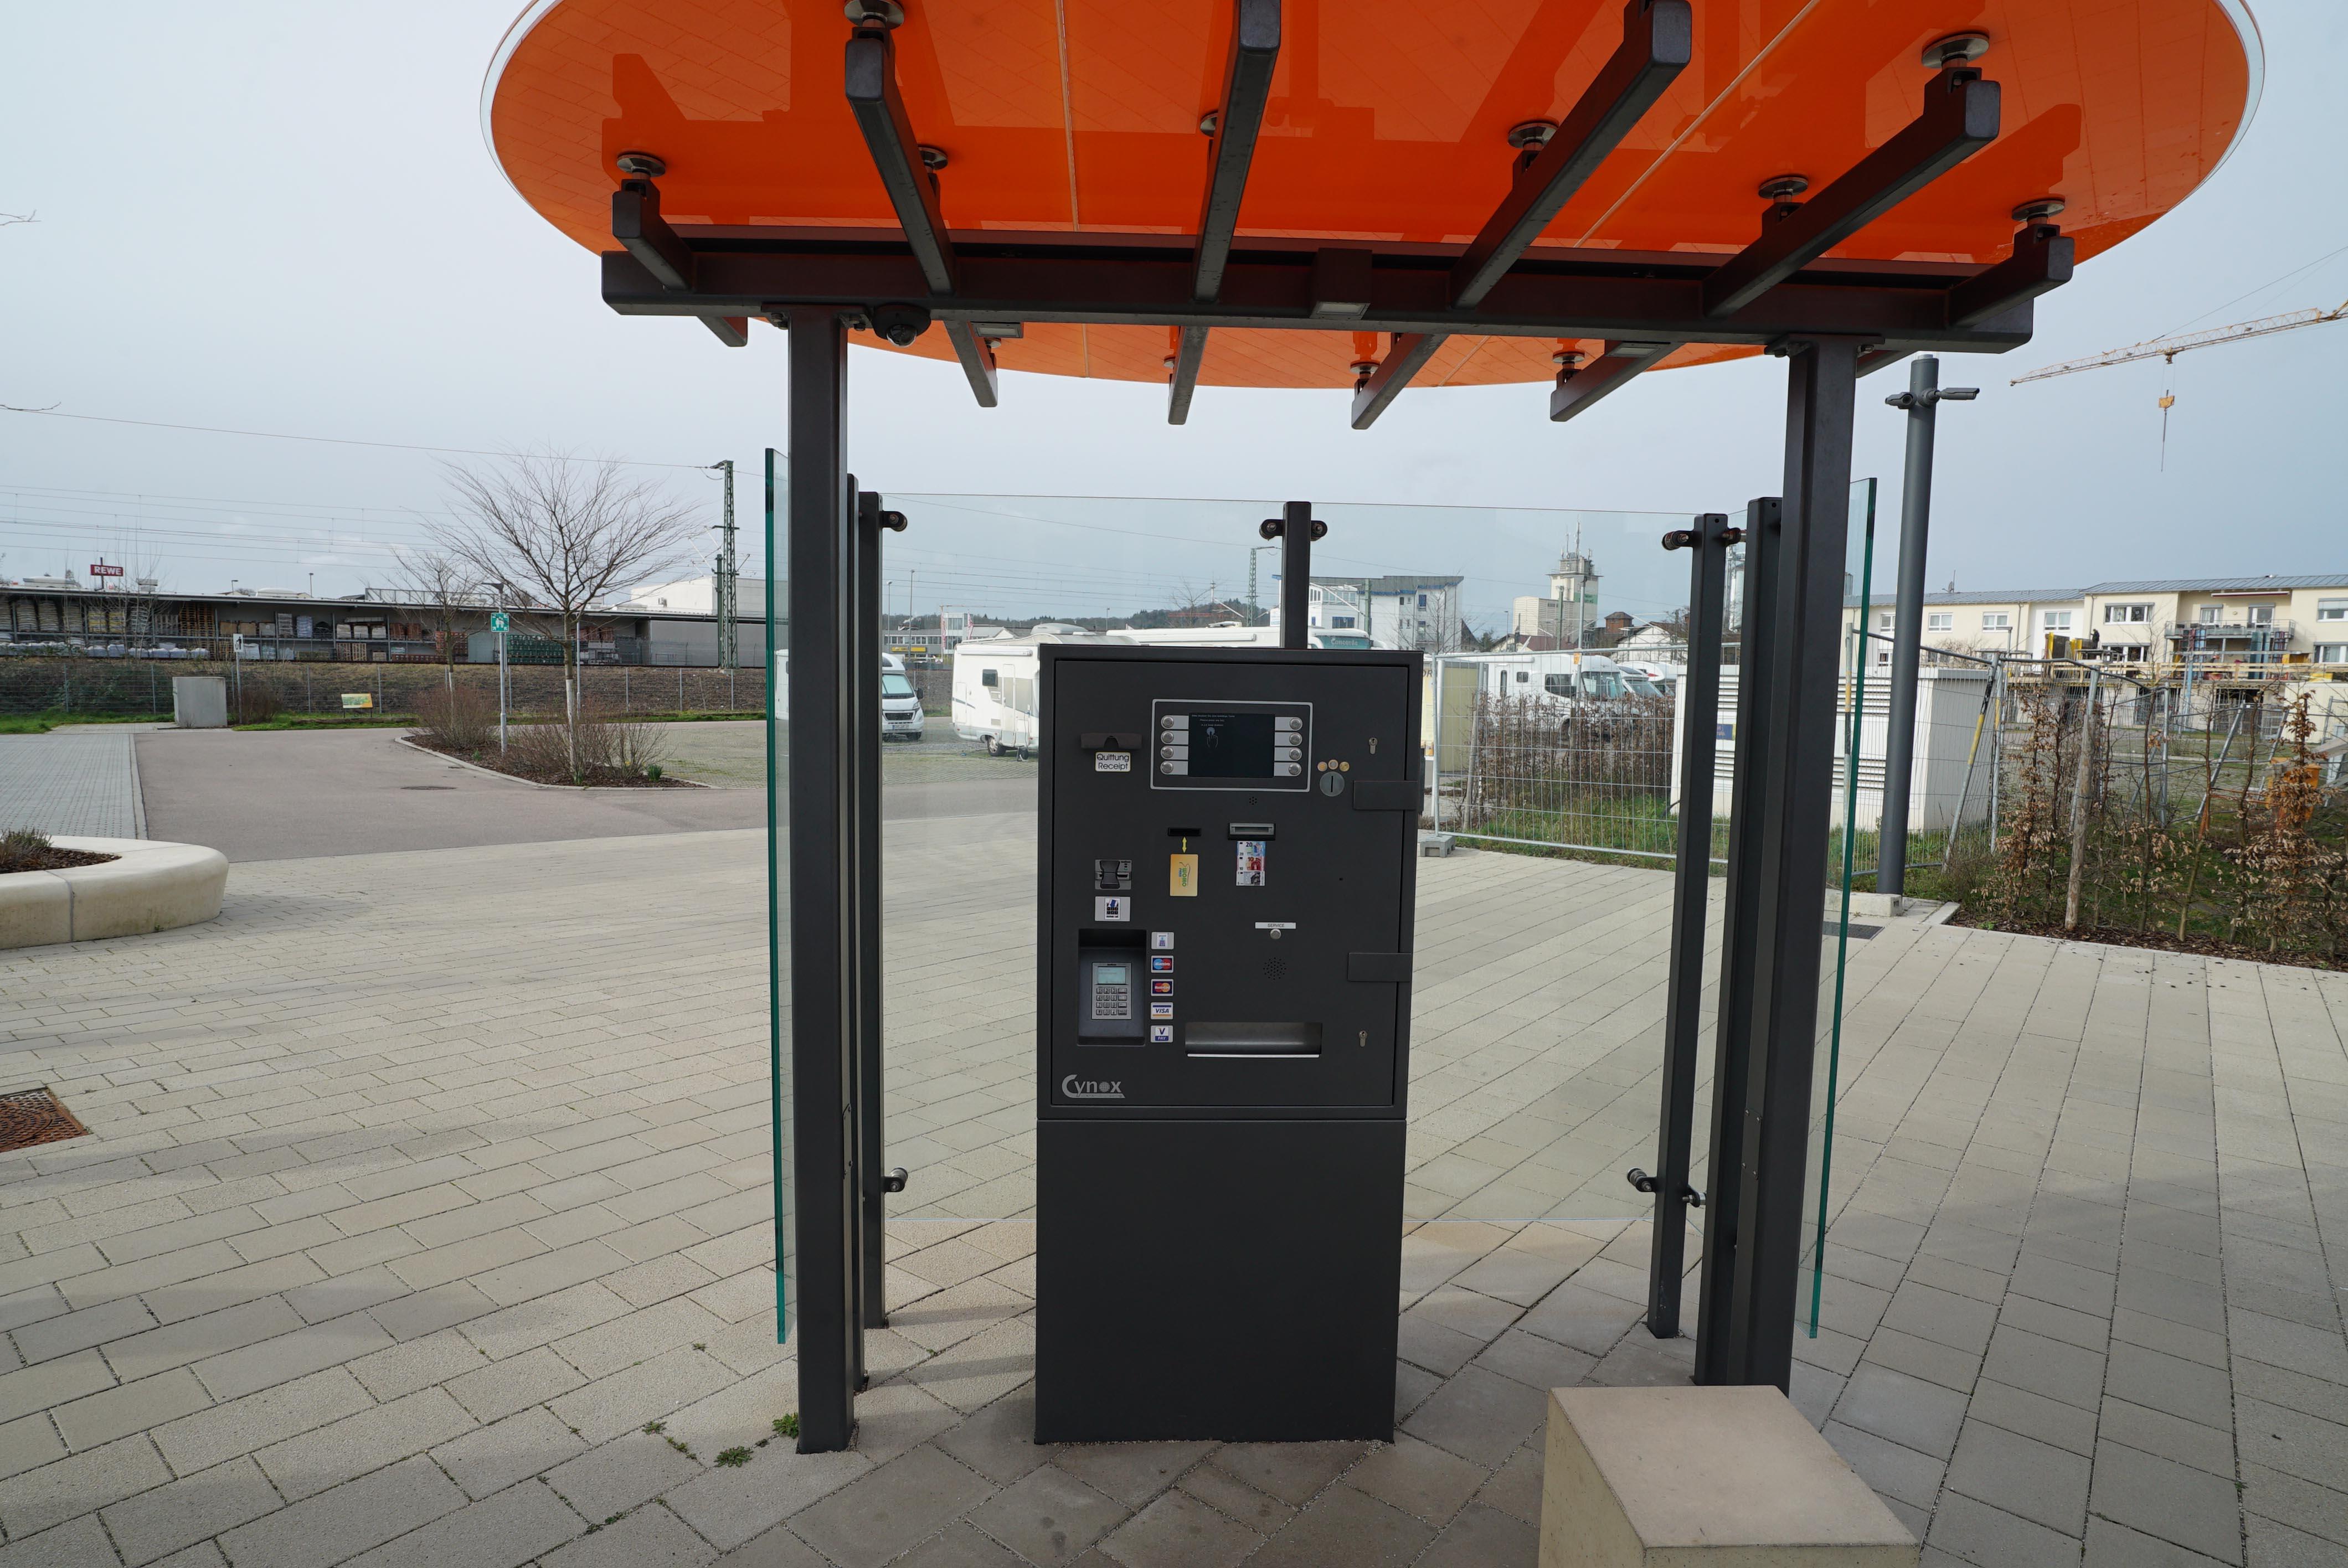 Wohnmobilpark Sinsheim04